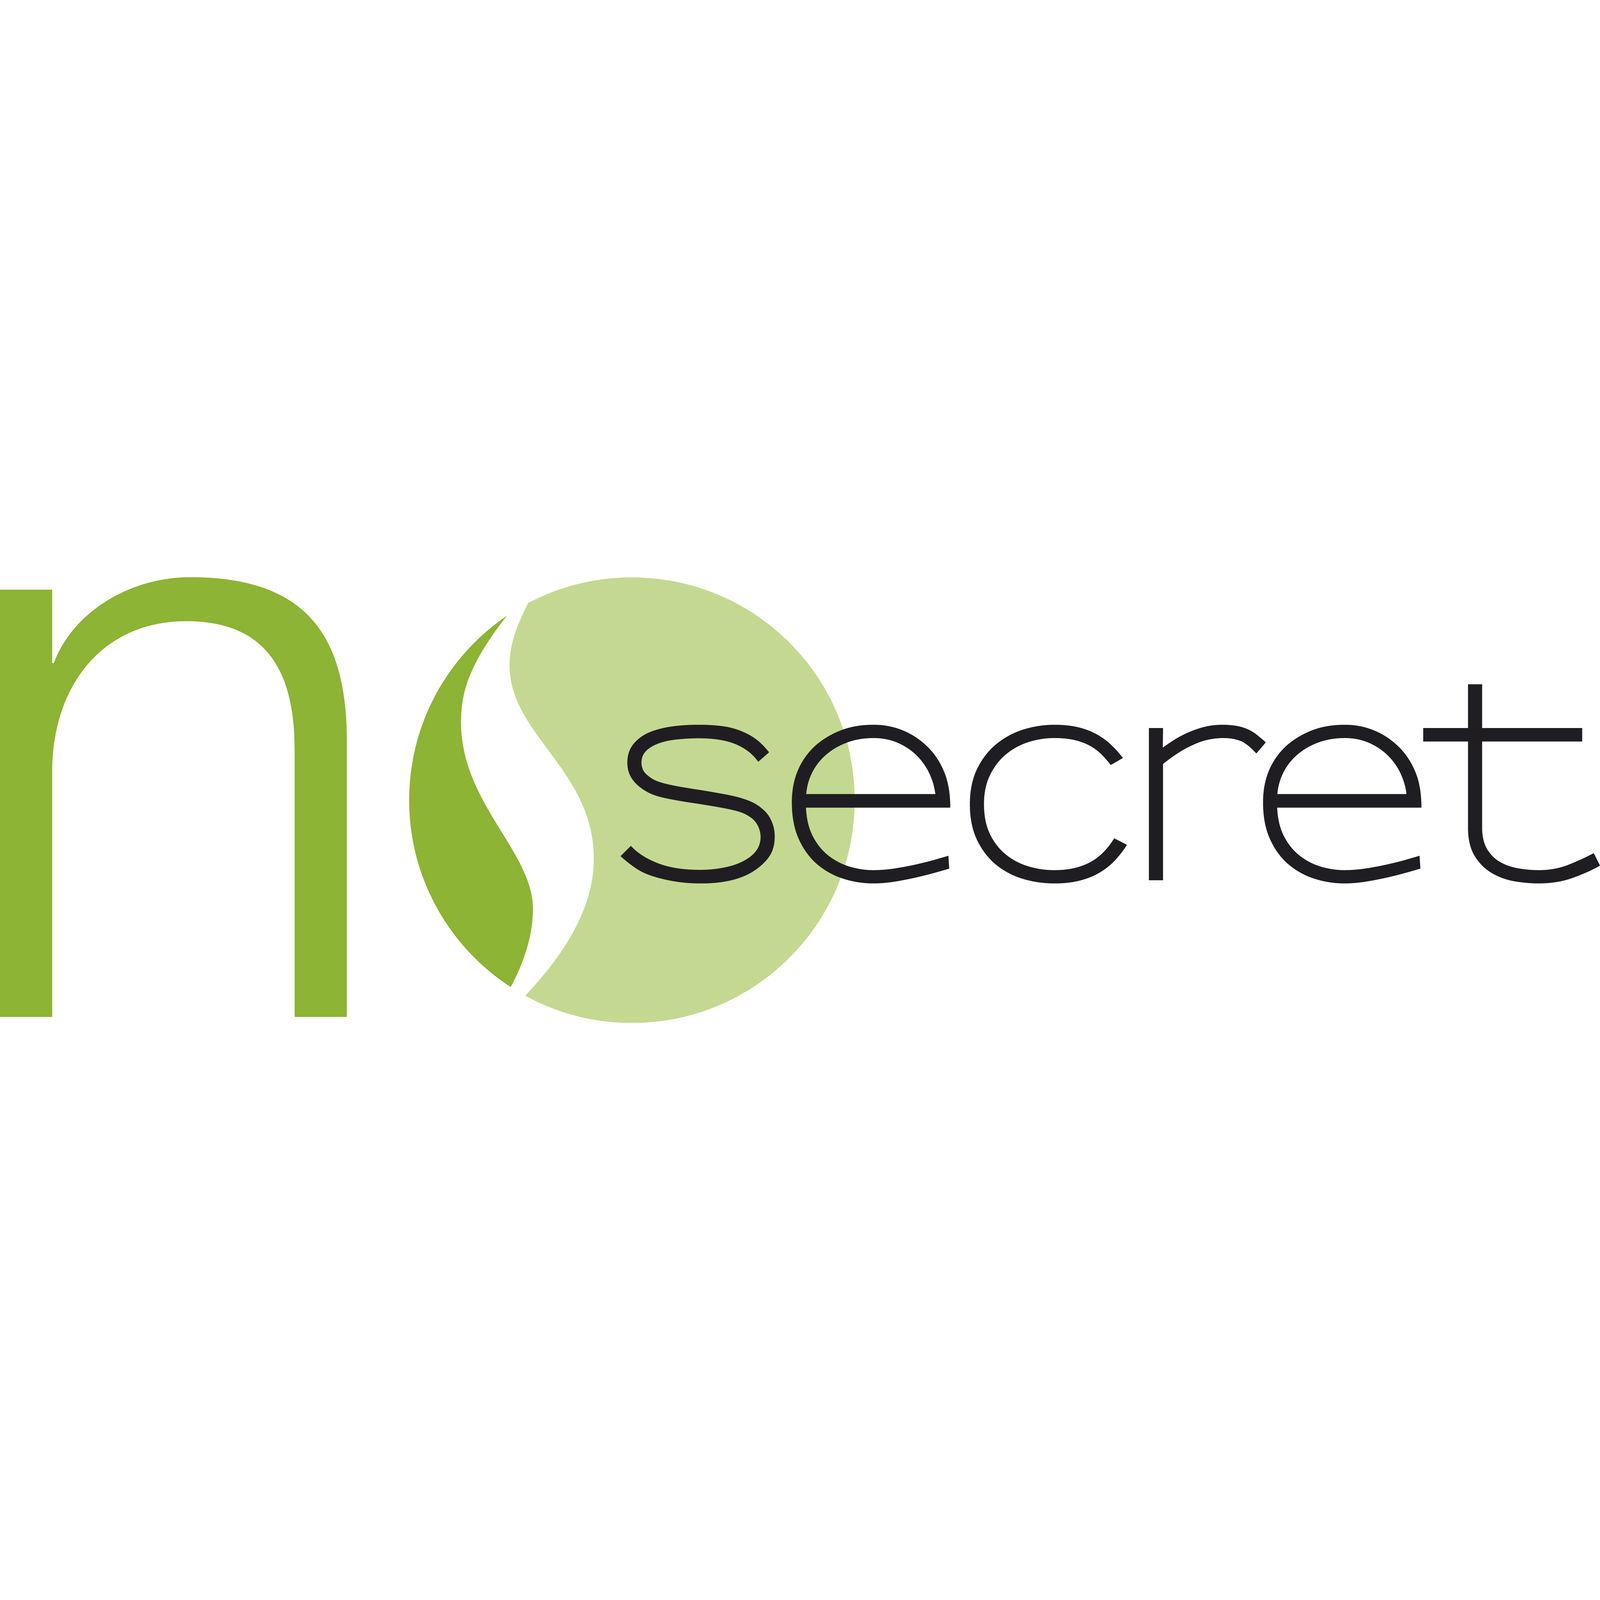 NO SECRET